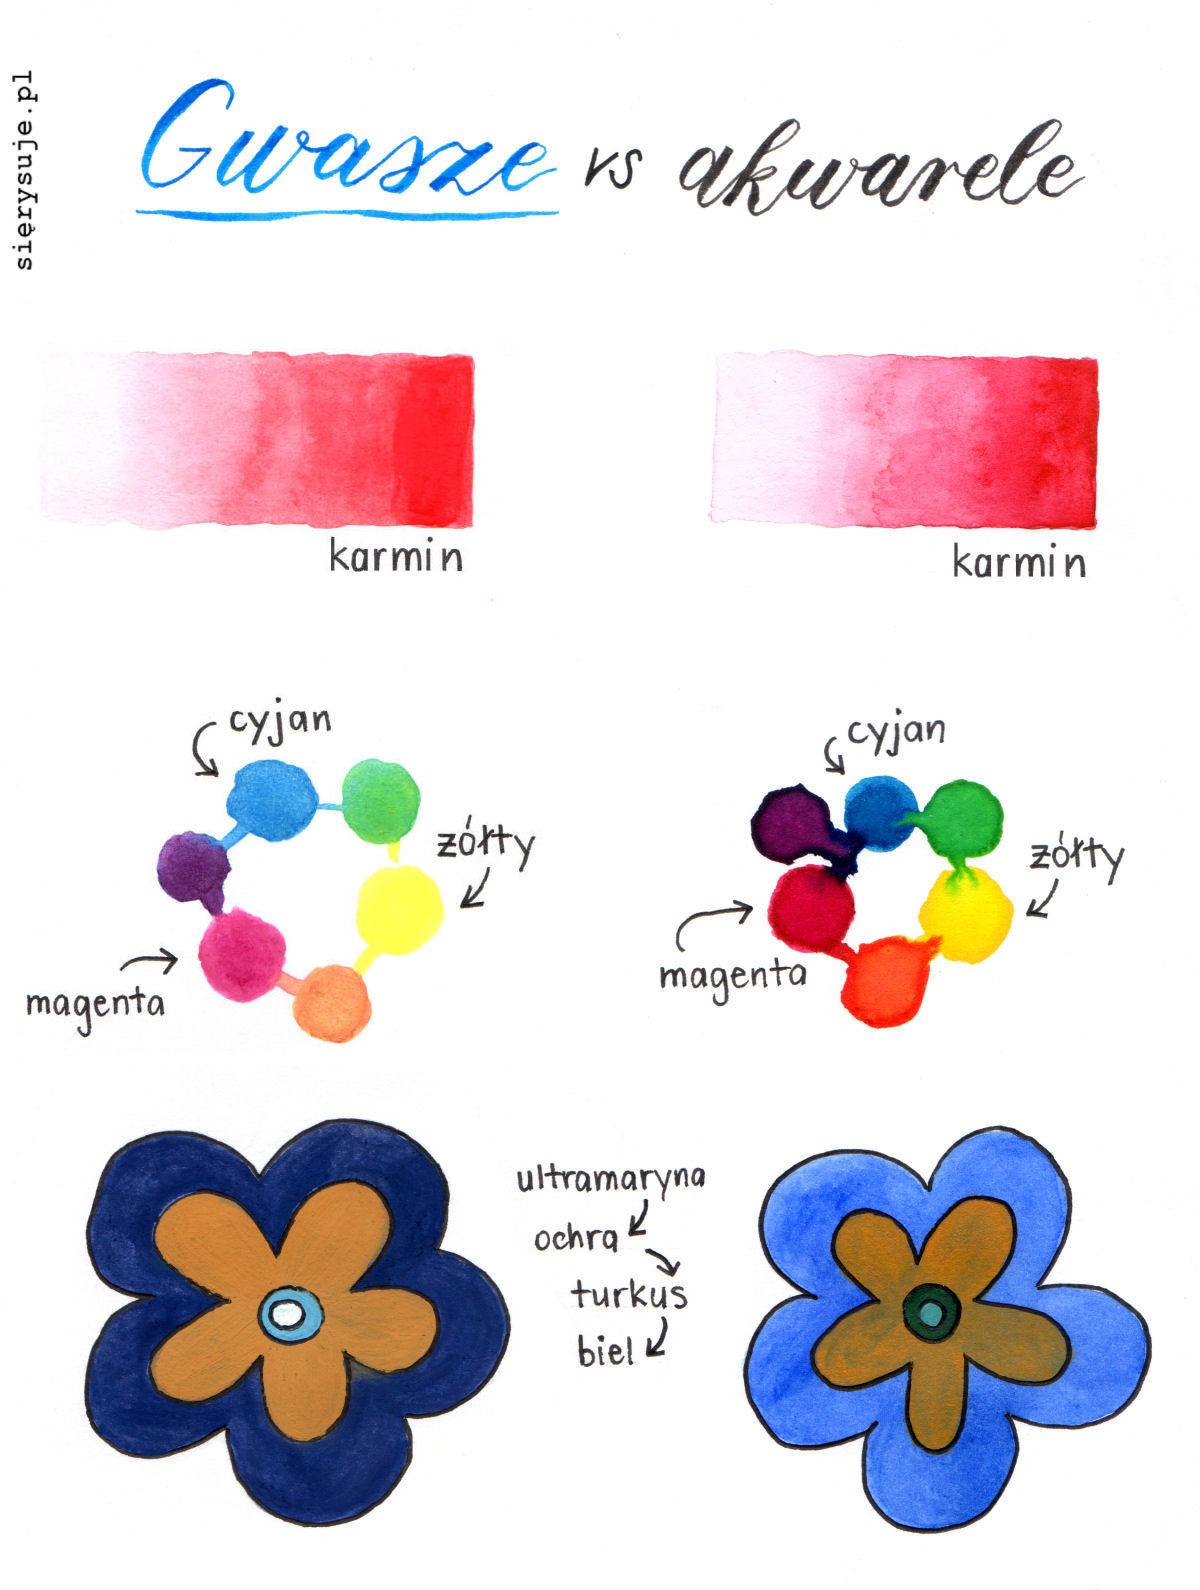 sierysuje.pl gwasze akwarele farby malowanie